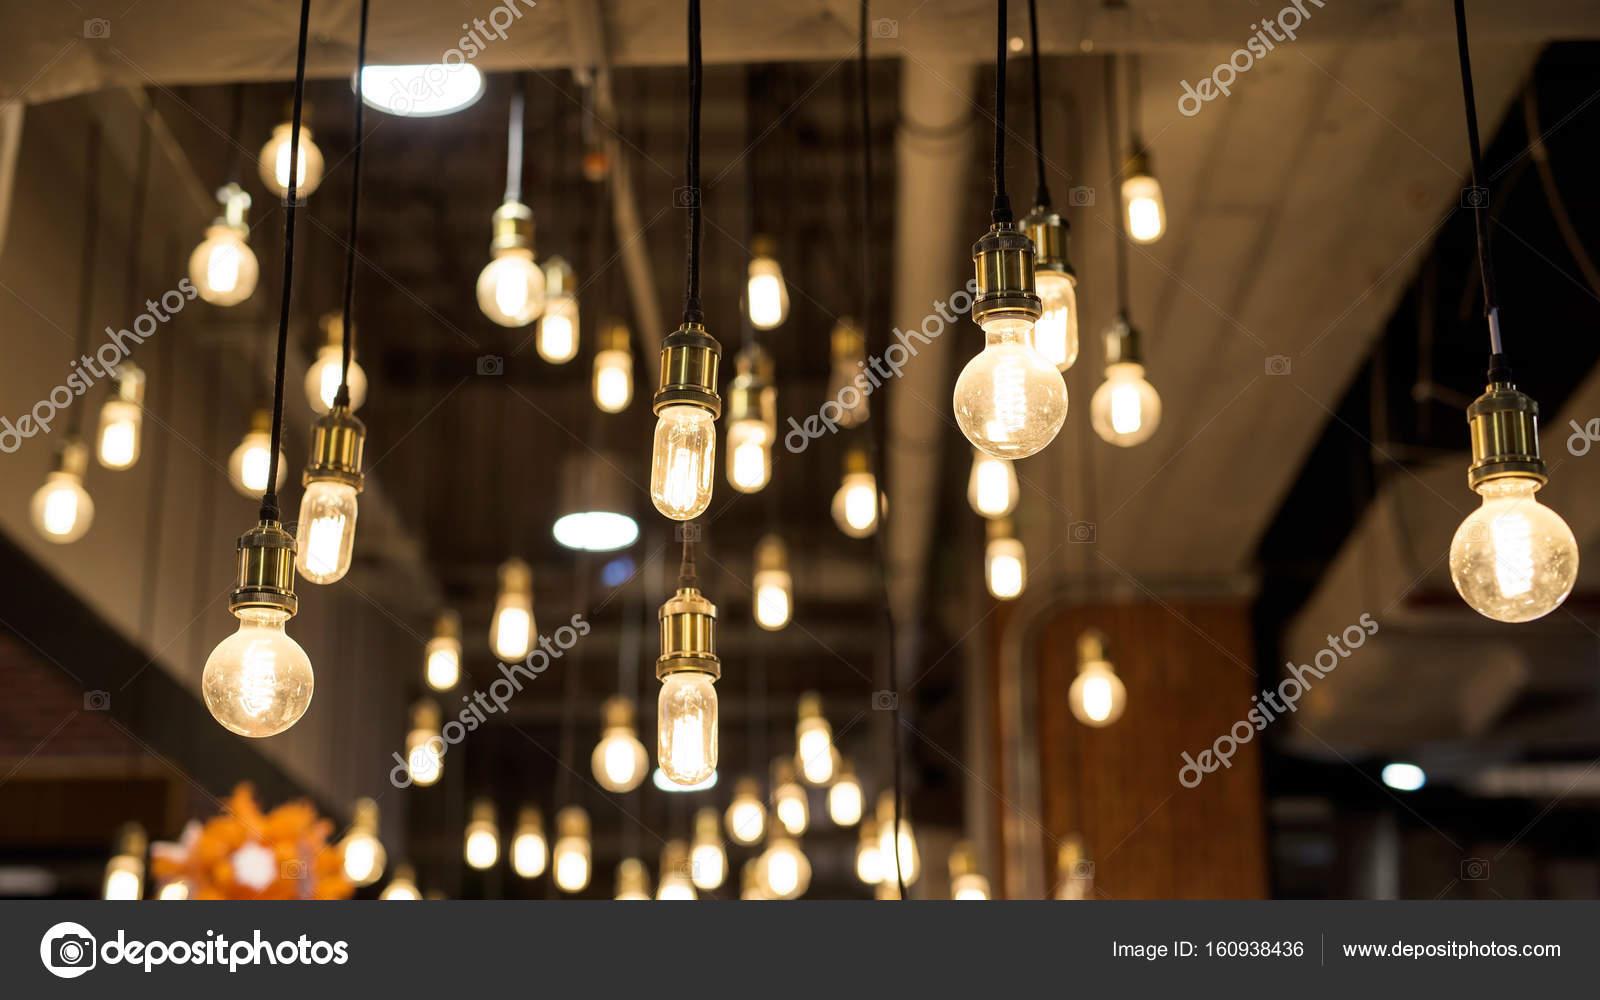 Lampen voor interieur decoratie u2014 stockfoto © blanscape #160938436